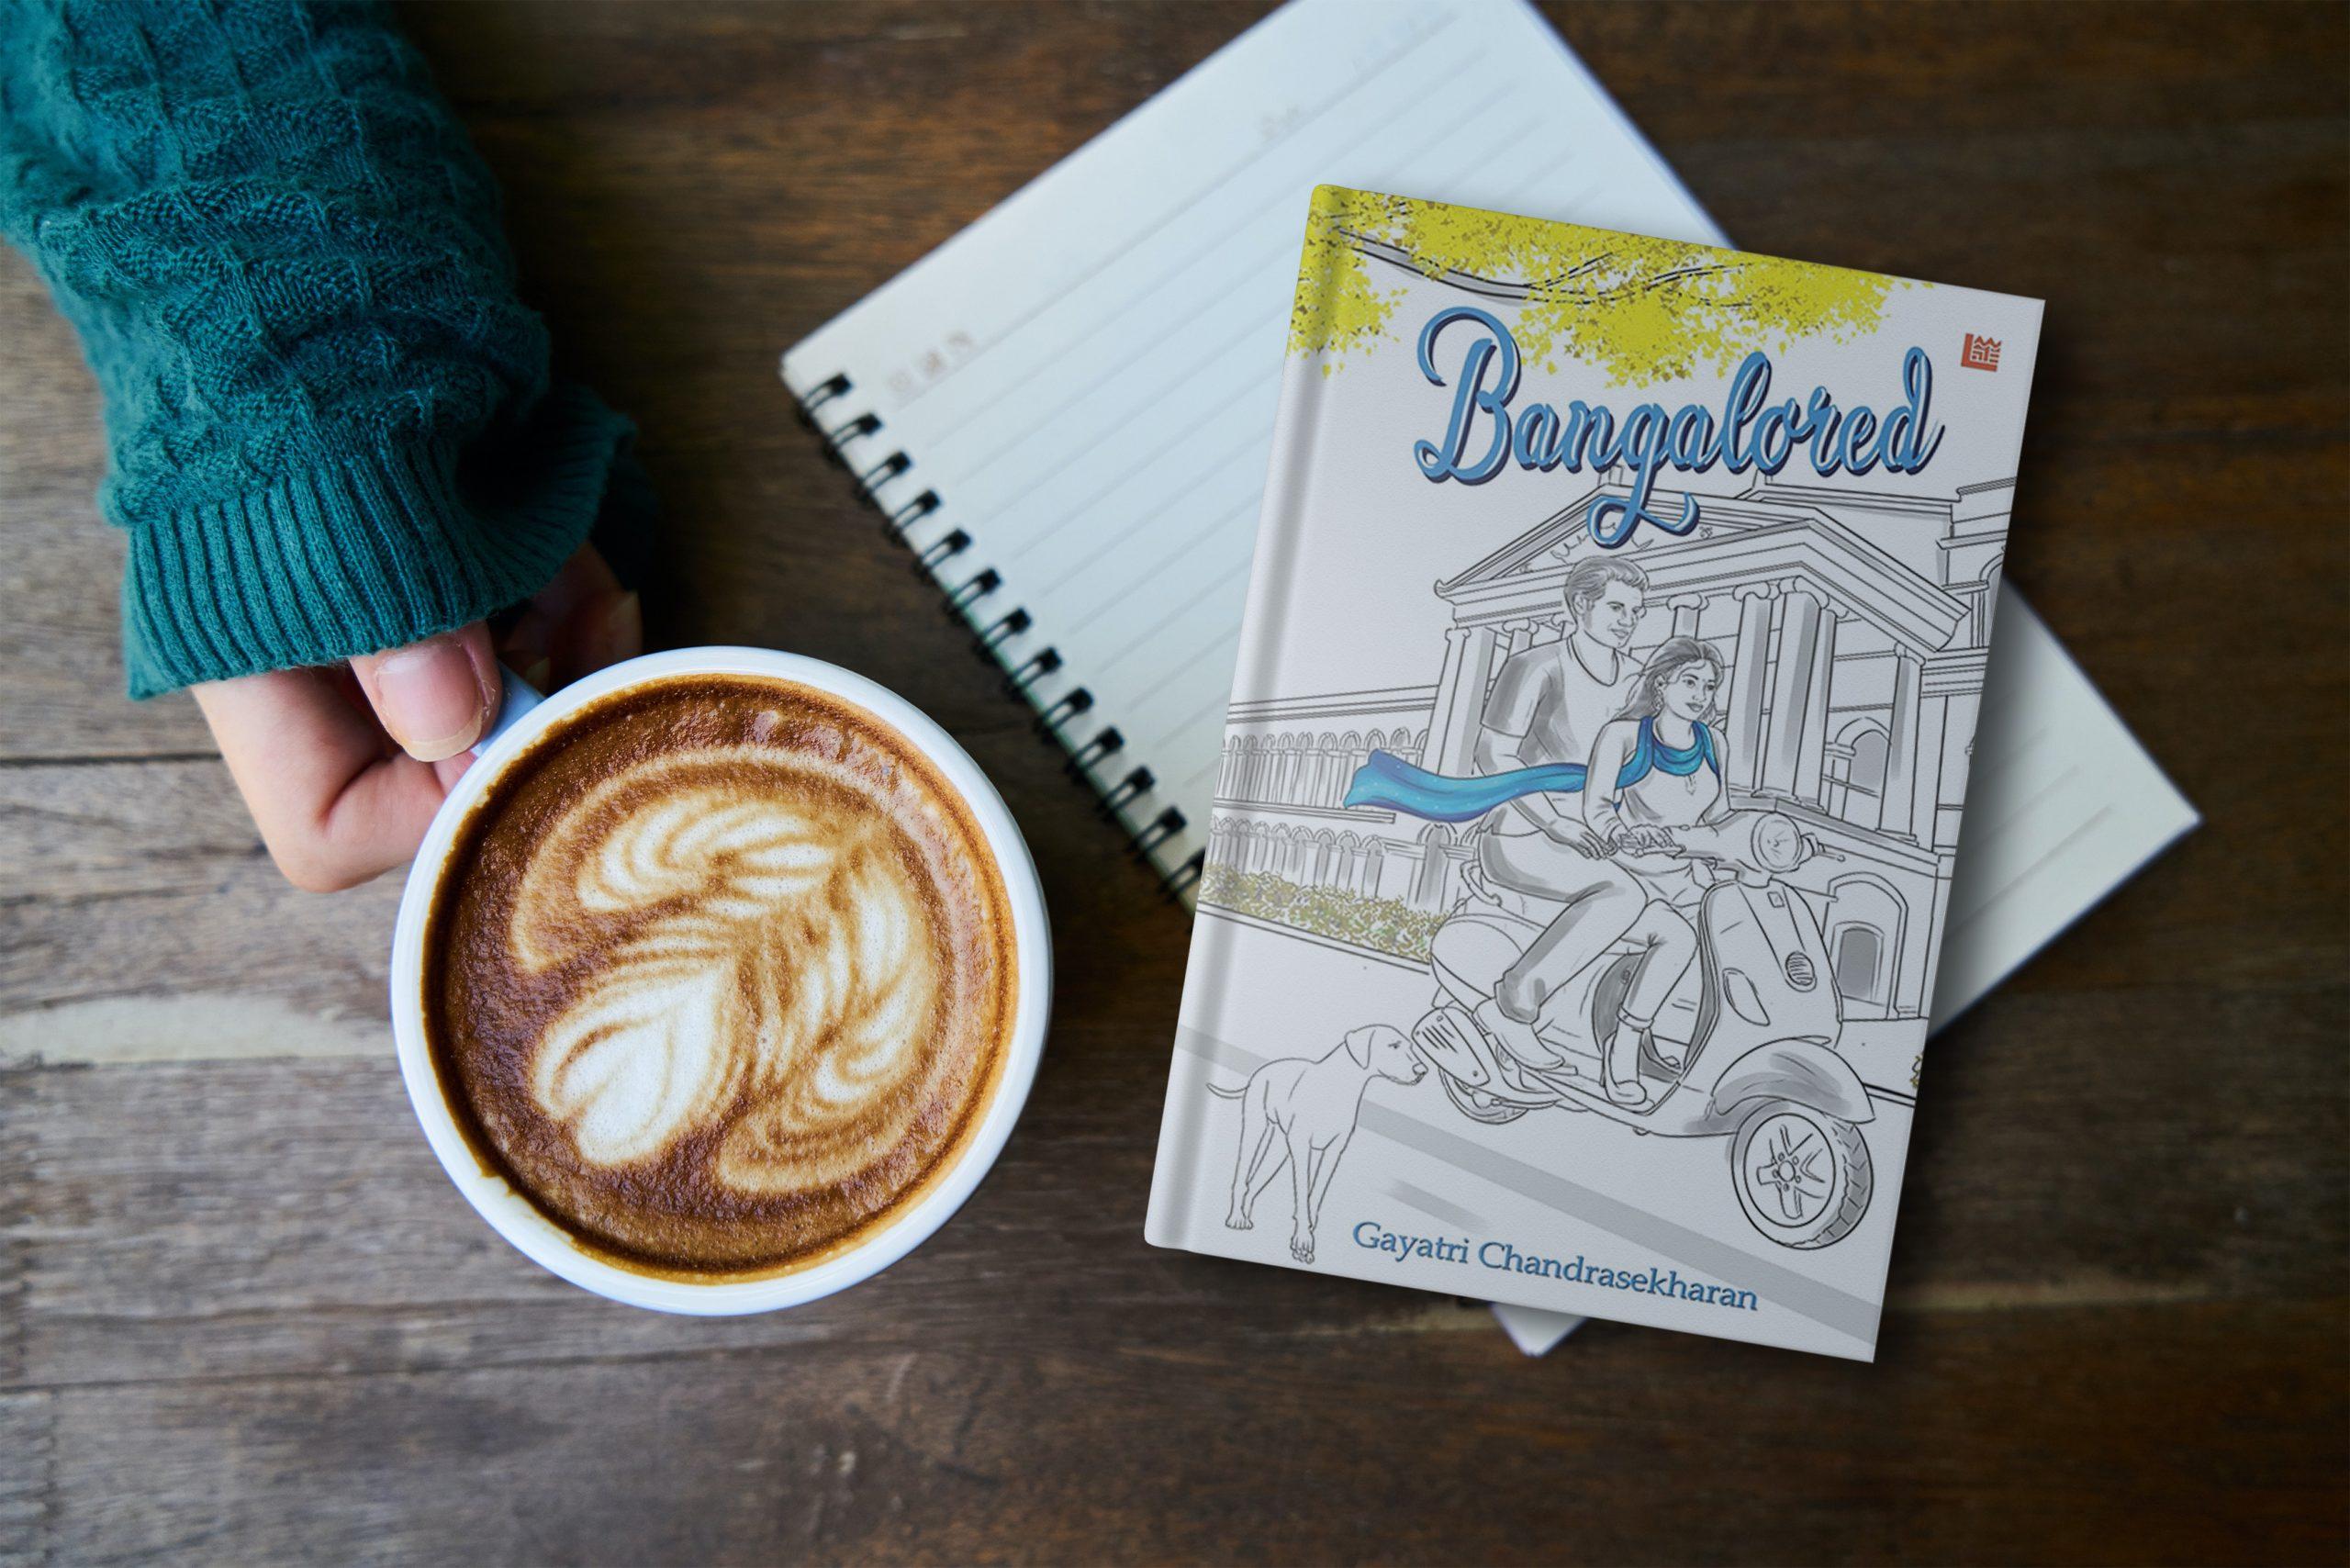 Book Review - Bangalored by Gayatri Chandrasekharan